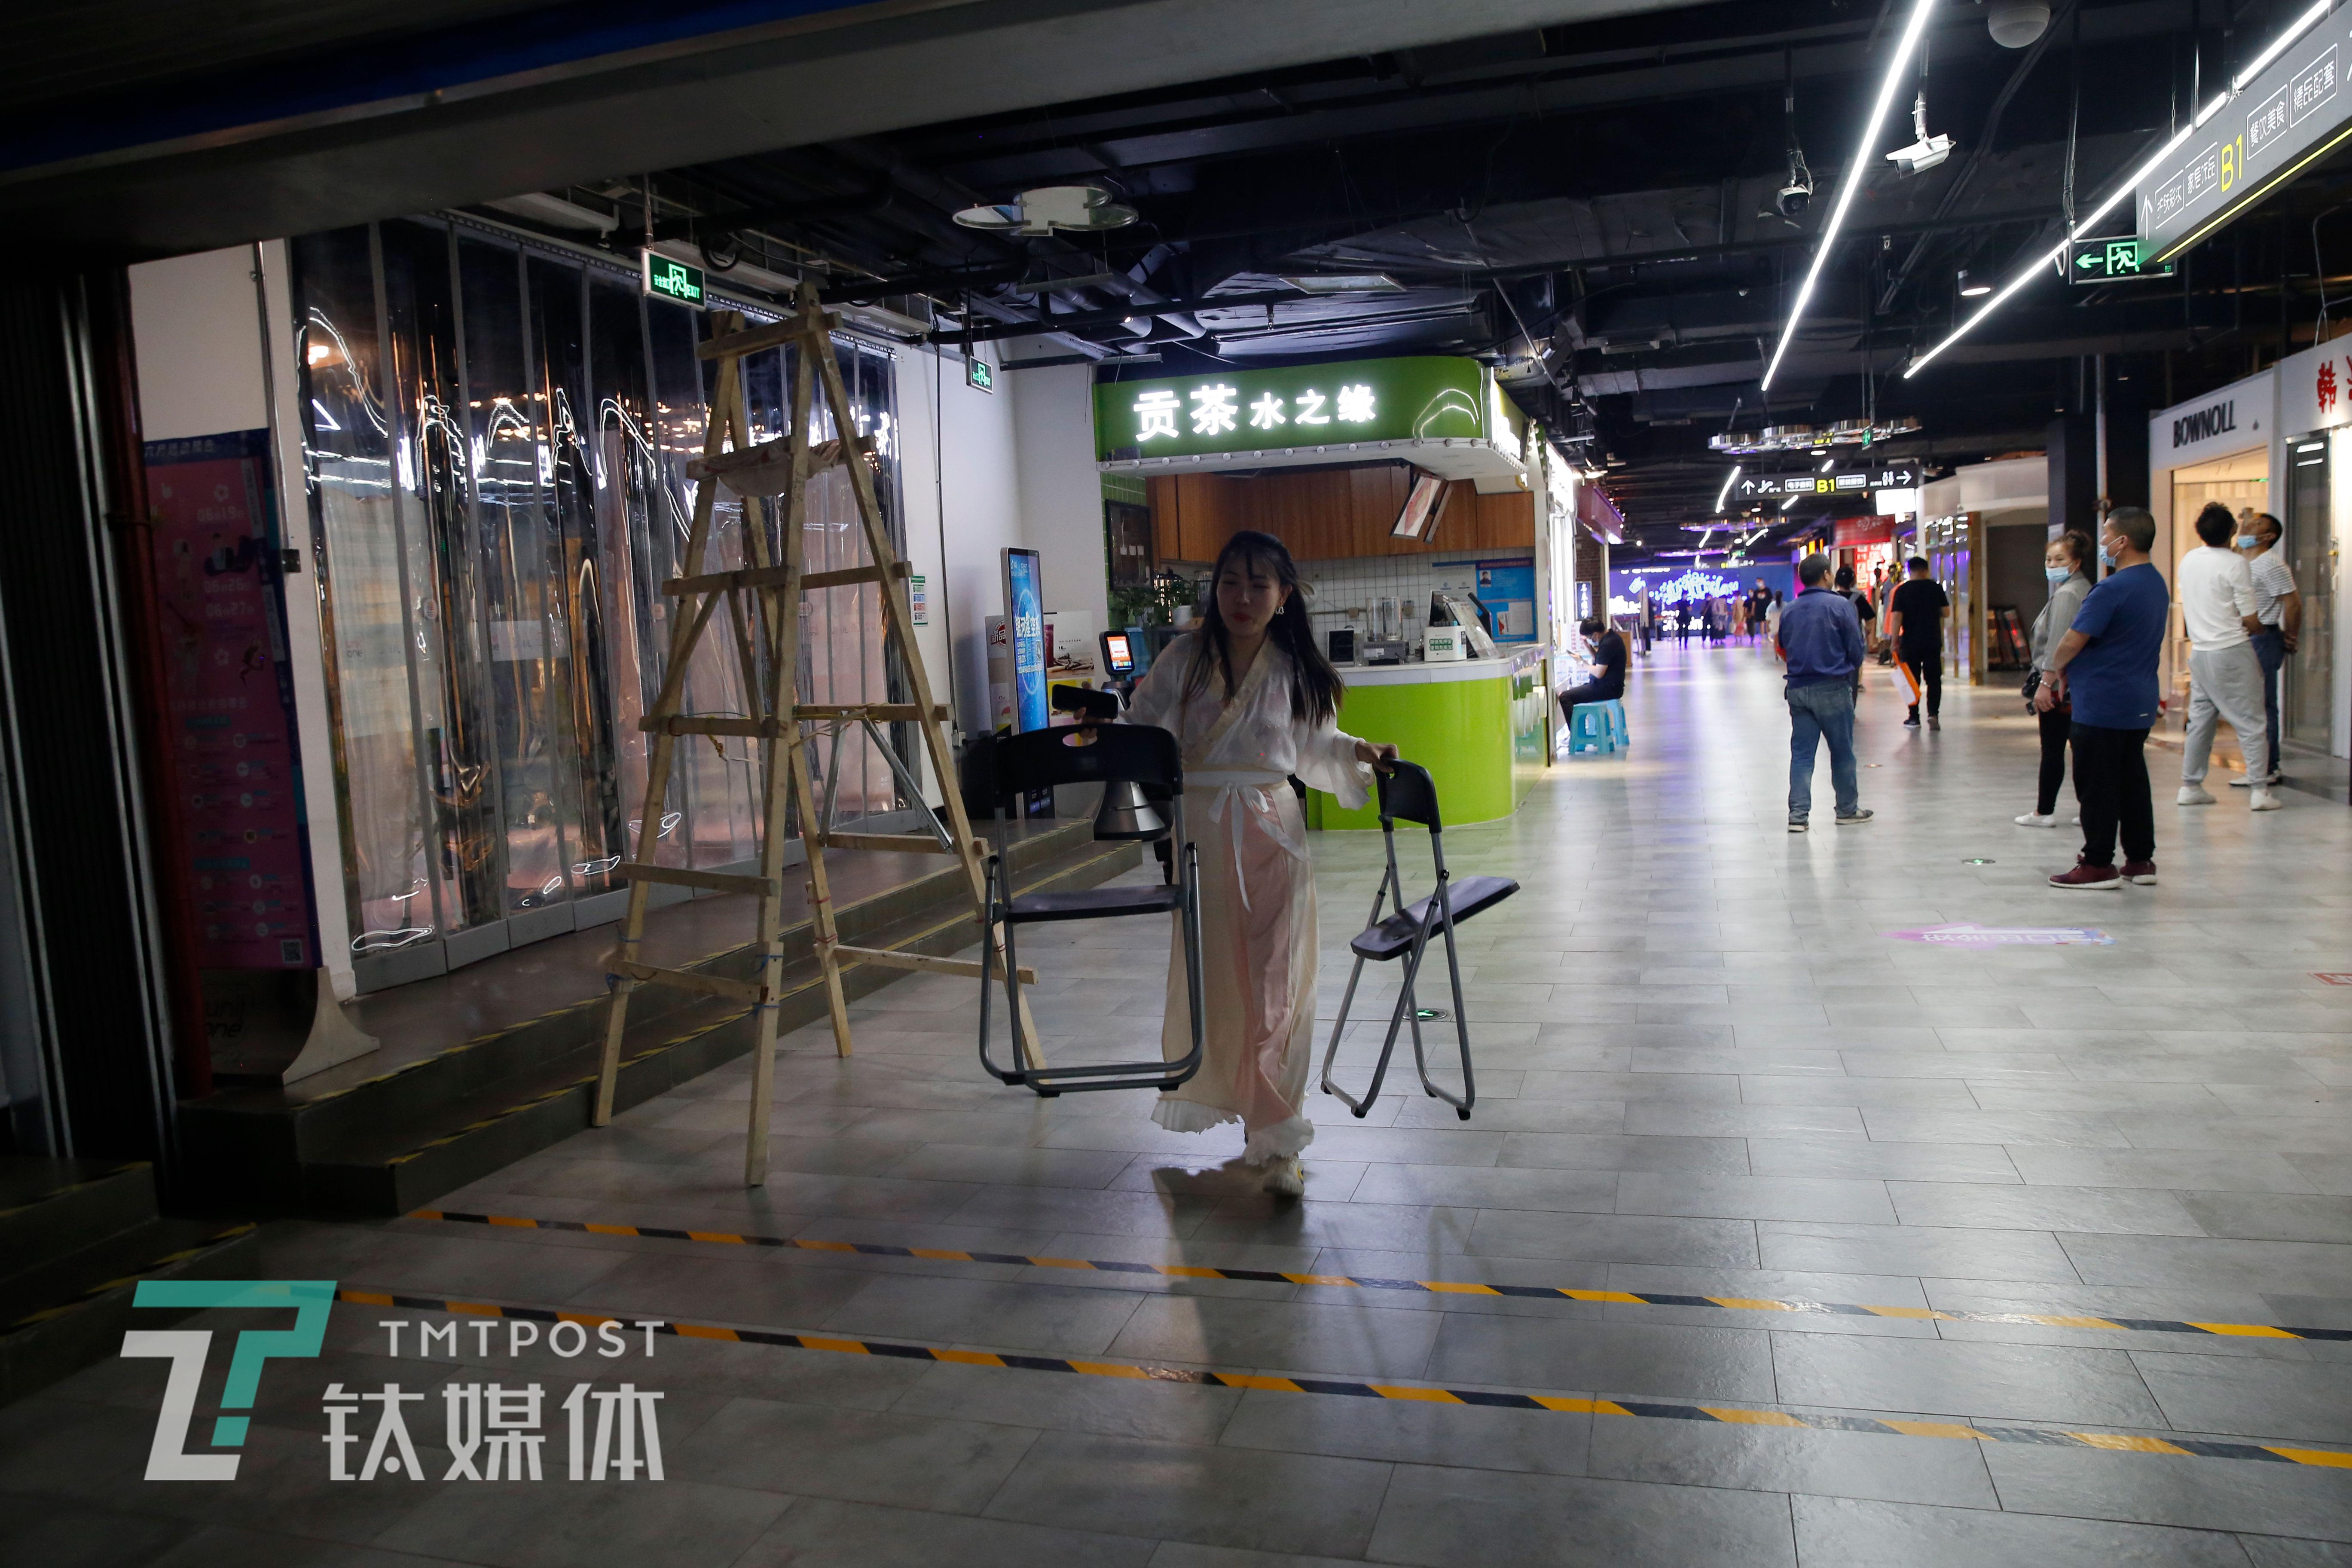 """6月12日,张弘一在商场找凳子,为人物专访做准备。由于她是""""孤军作战"""",工作中她需要兼顾很多事情:选场地、约时间、写提纲,甚至到采访过程中需要用的凳子,她都要亲自去安排。"""